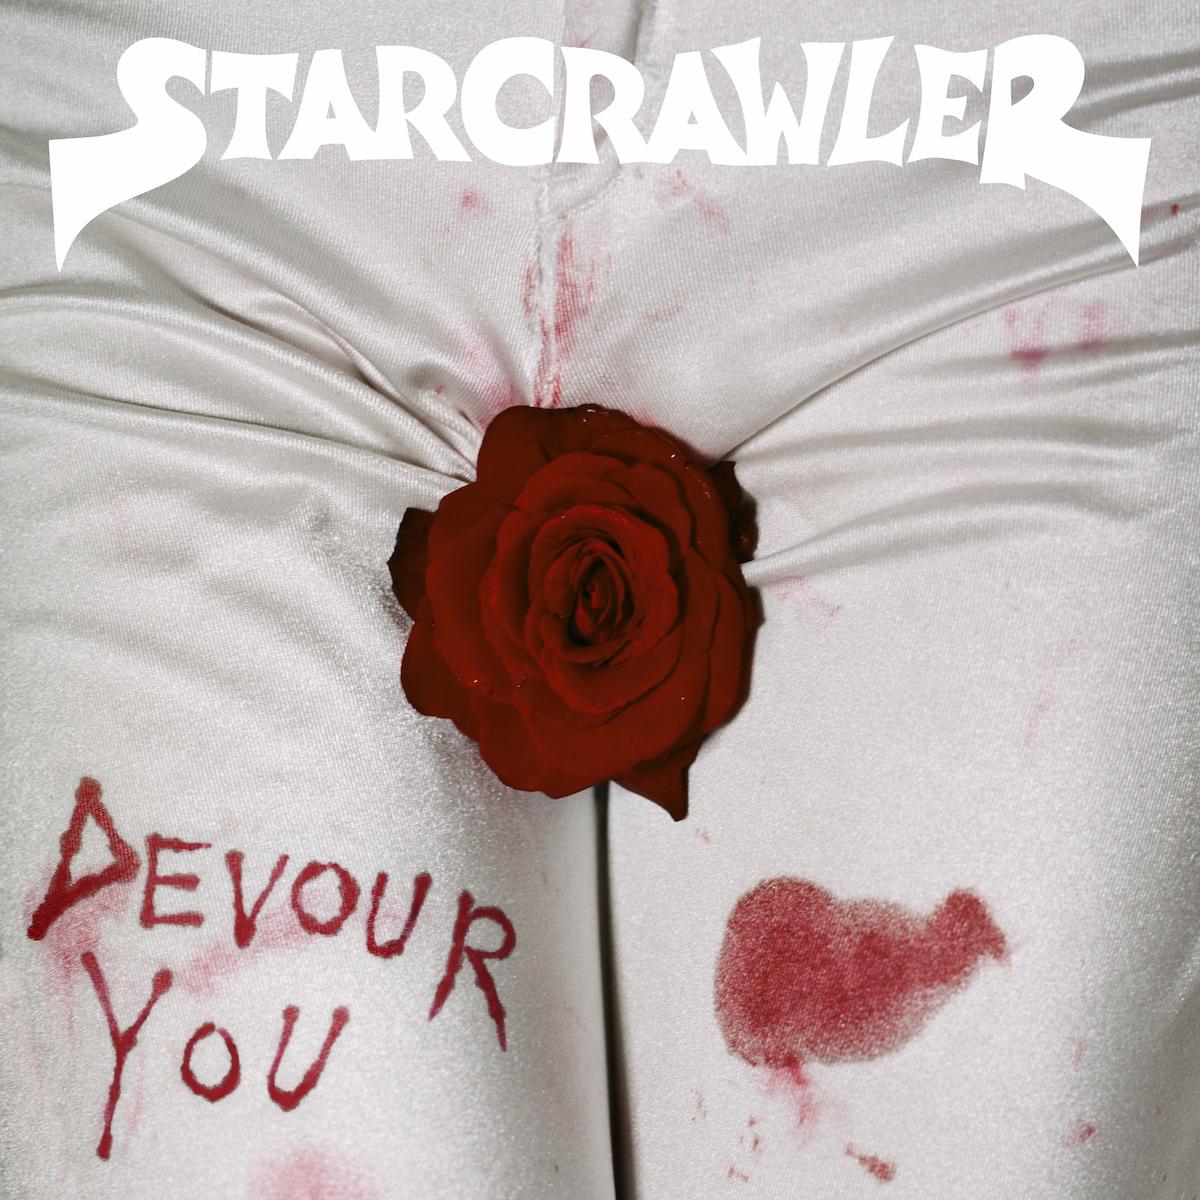 Starcrawler deliver decent rock'n'roll on Devour You - but not much else